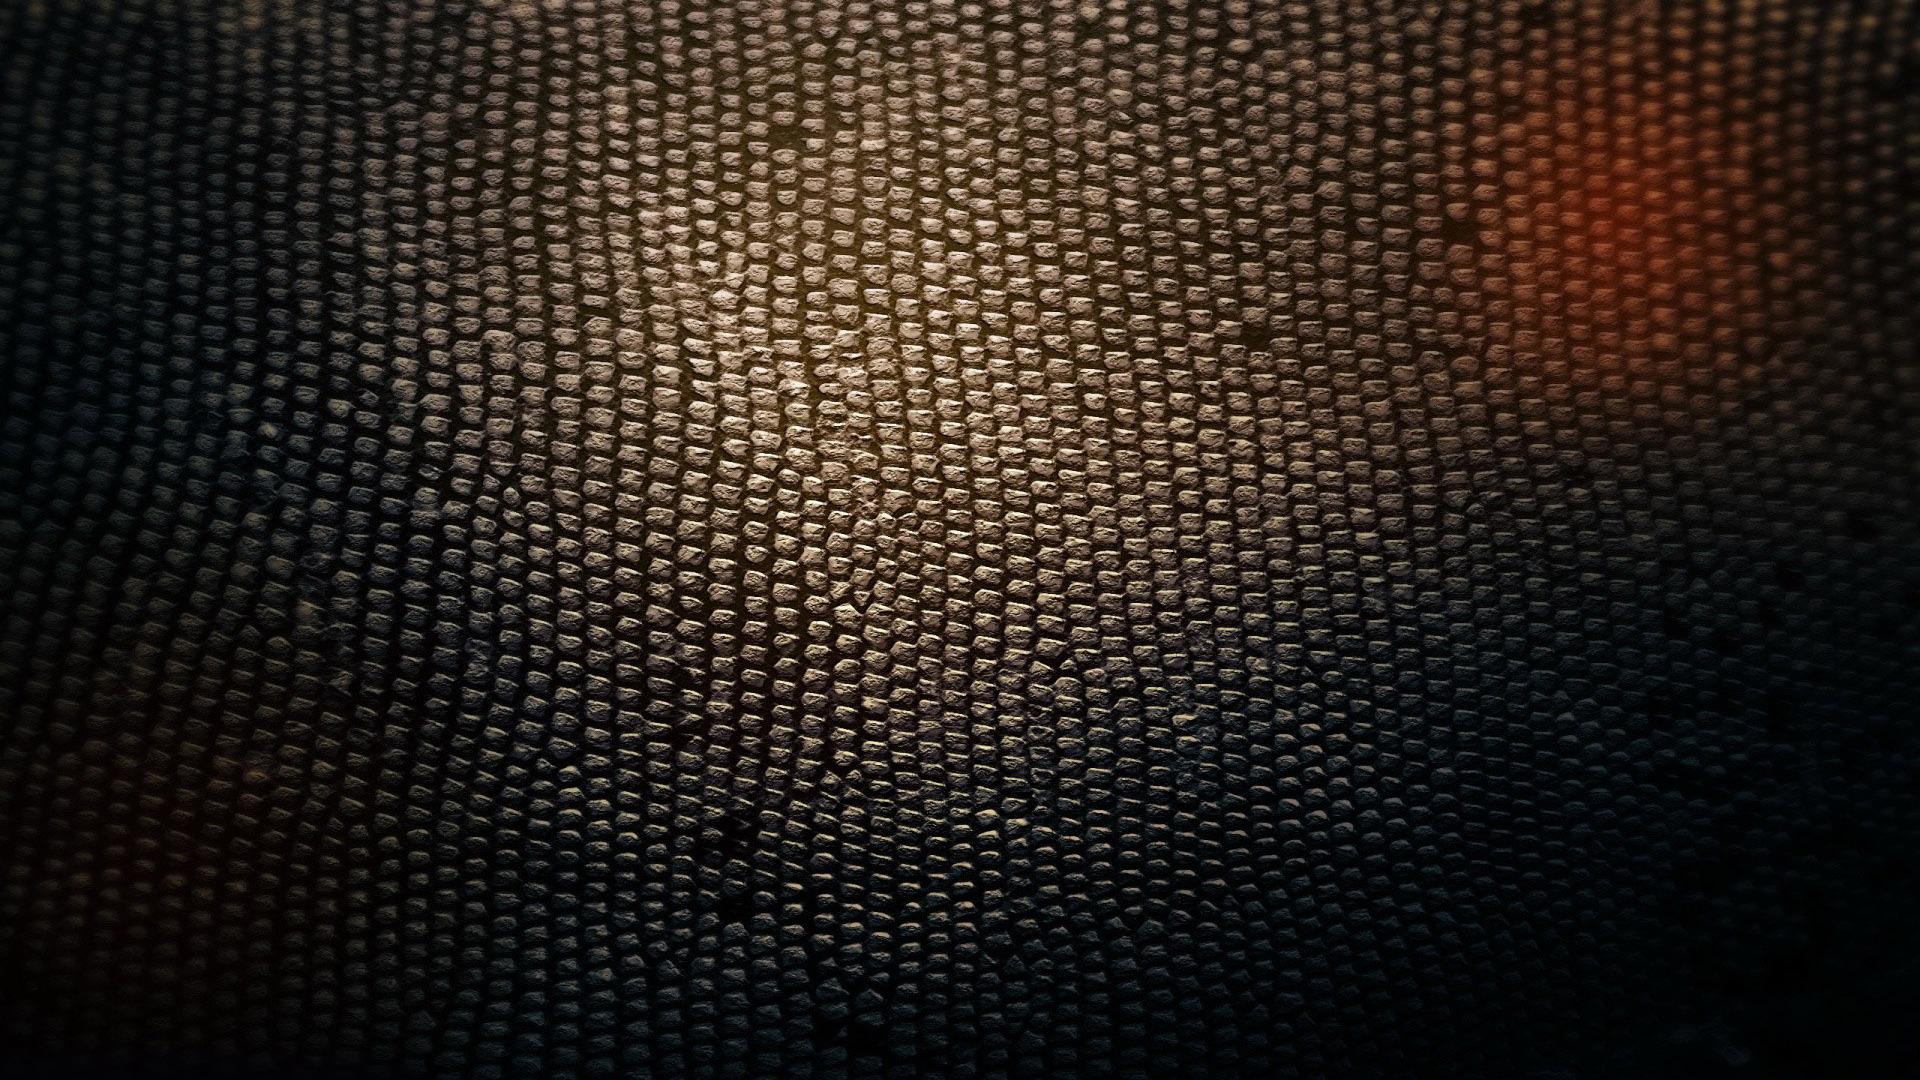 Download Snake skin wallpaper 1920x1080